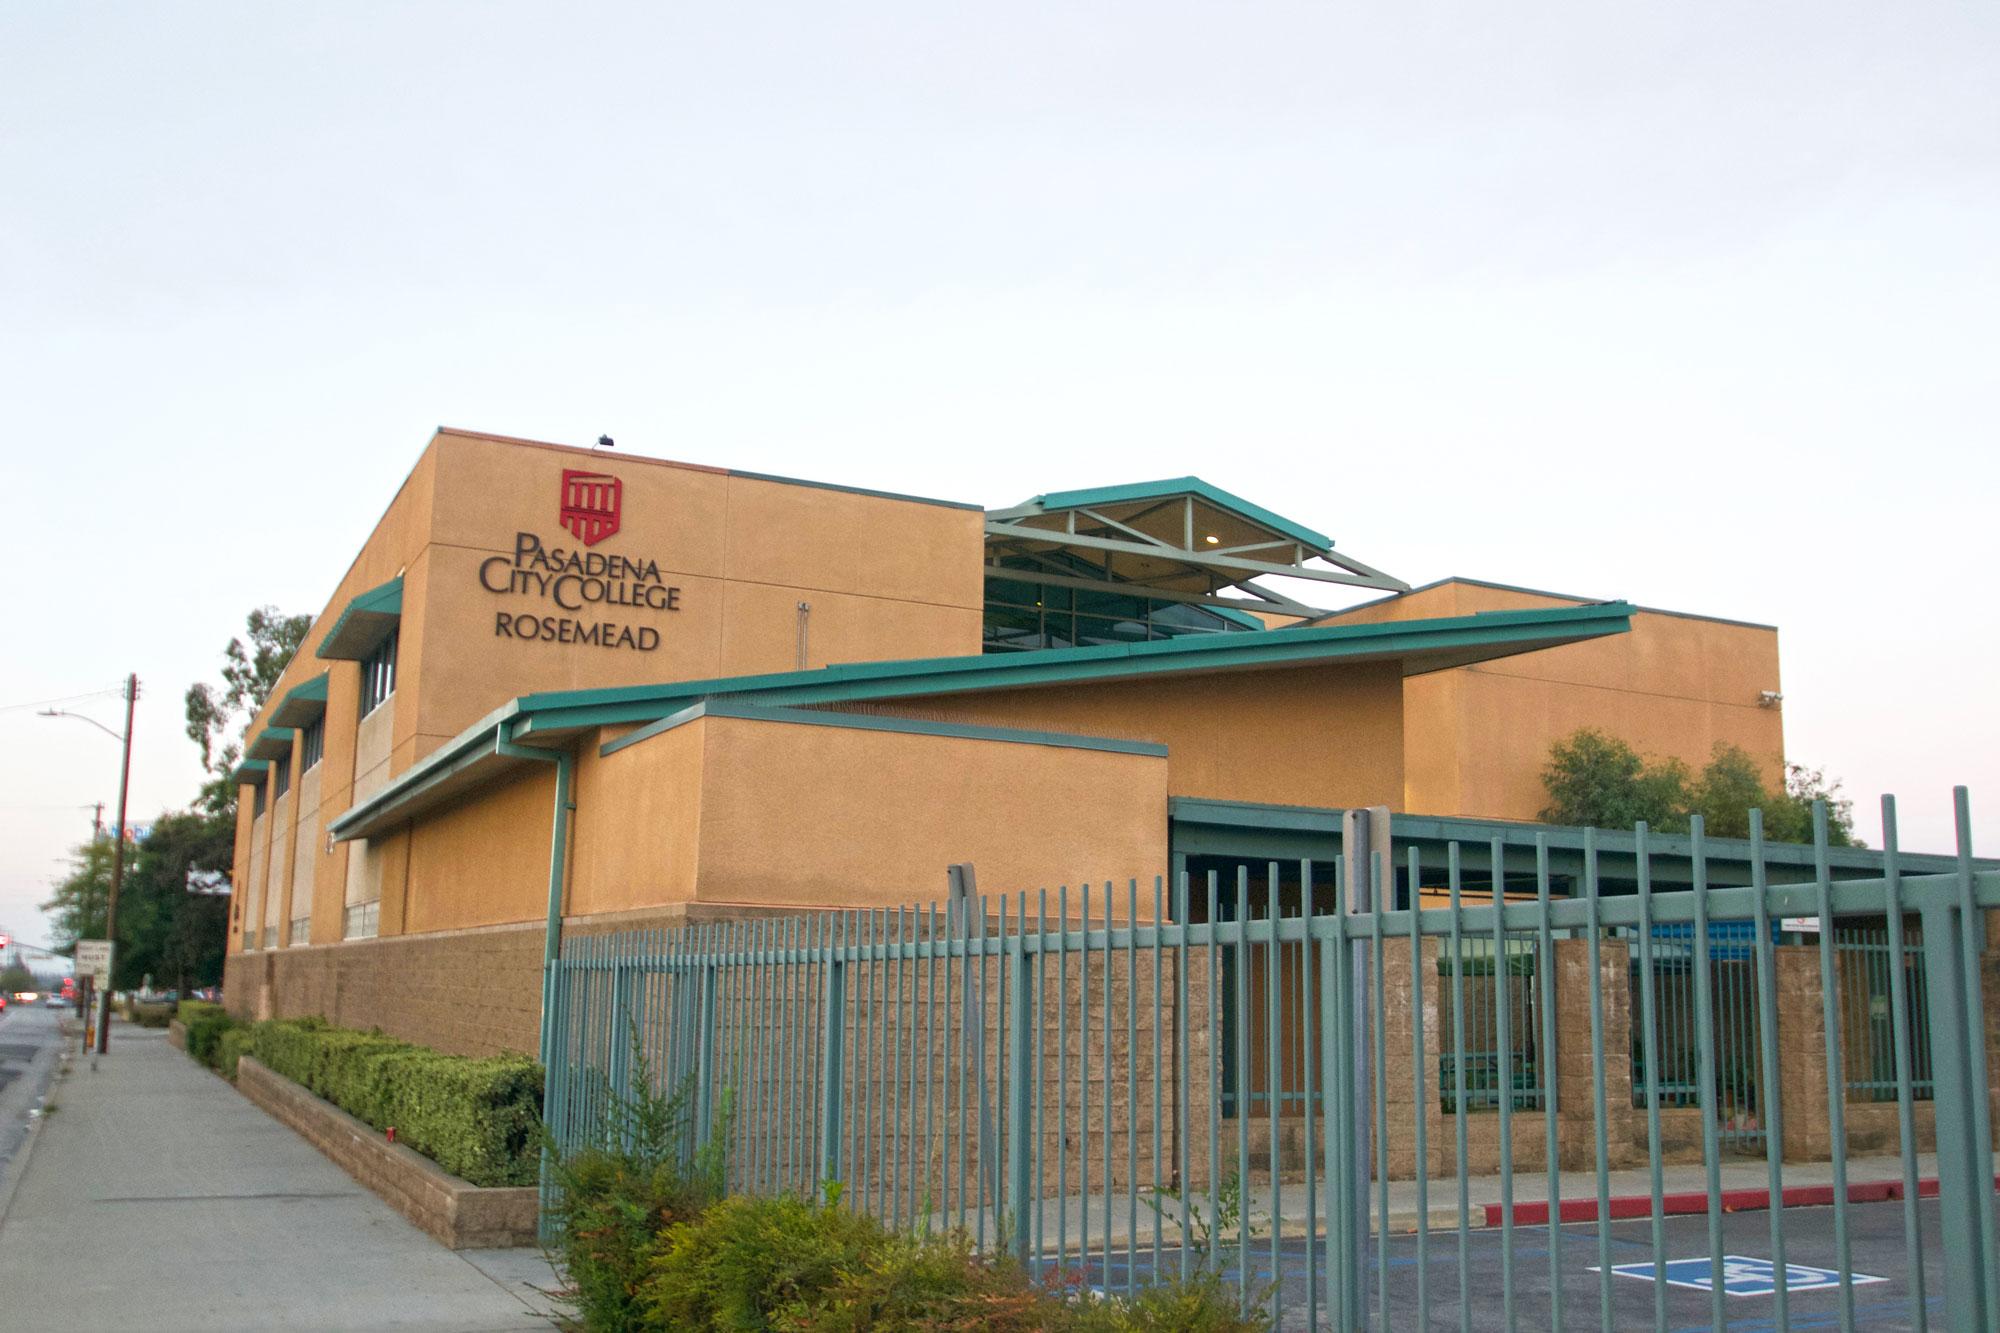 North-West College - Pasadena - Niche